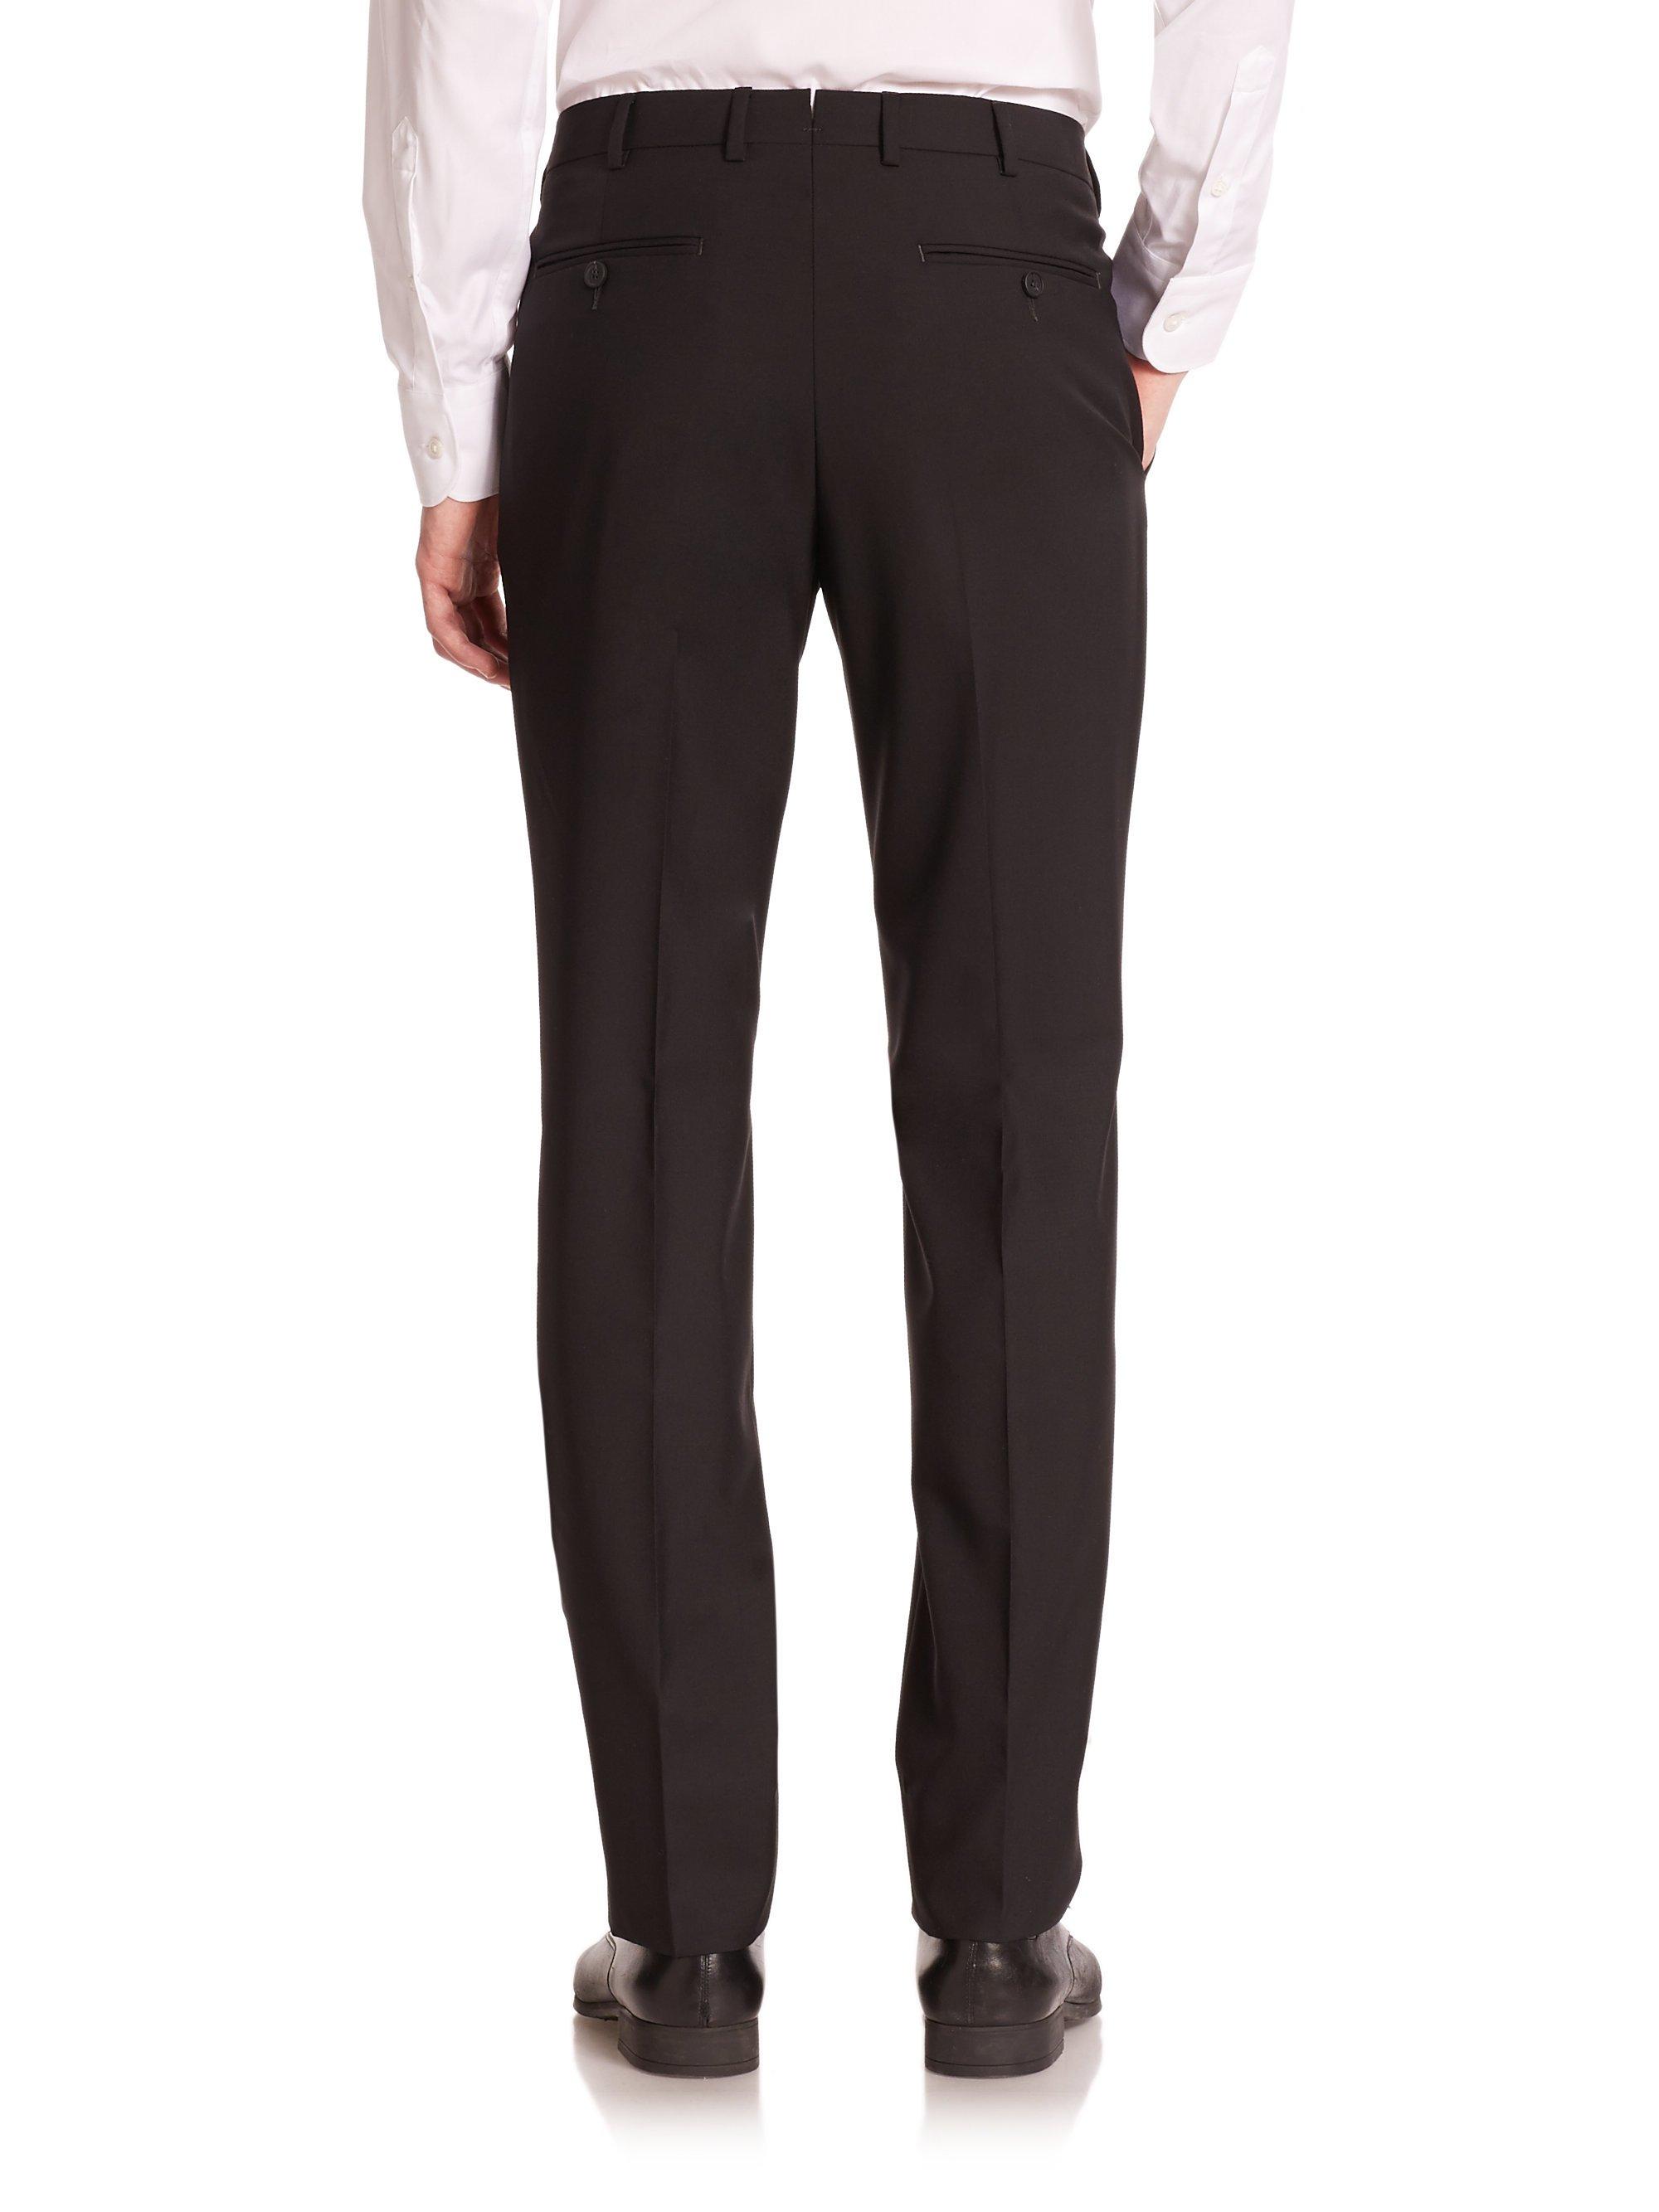 Lyst - Z Zegna Wool Dress Pants in Black for Men